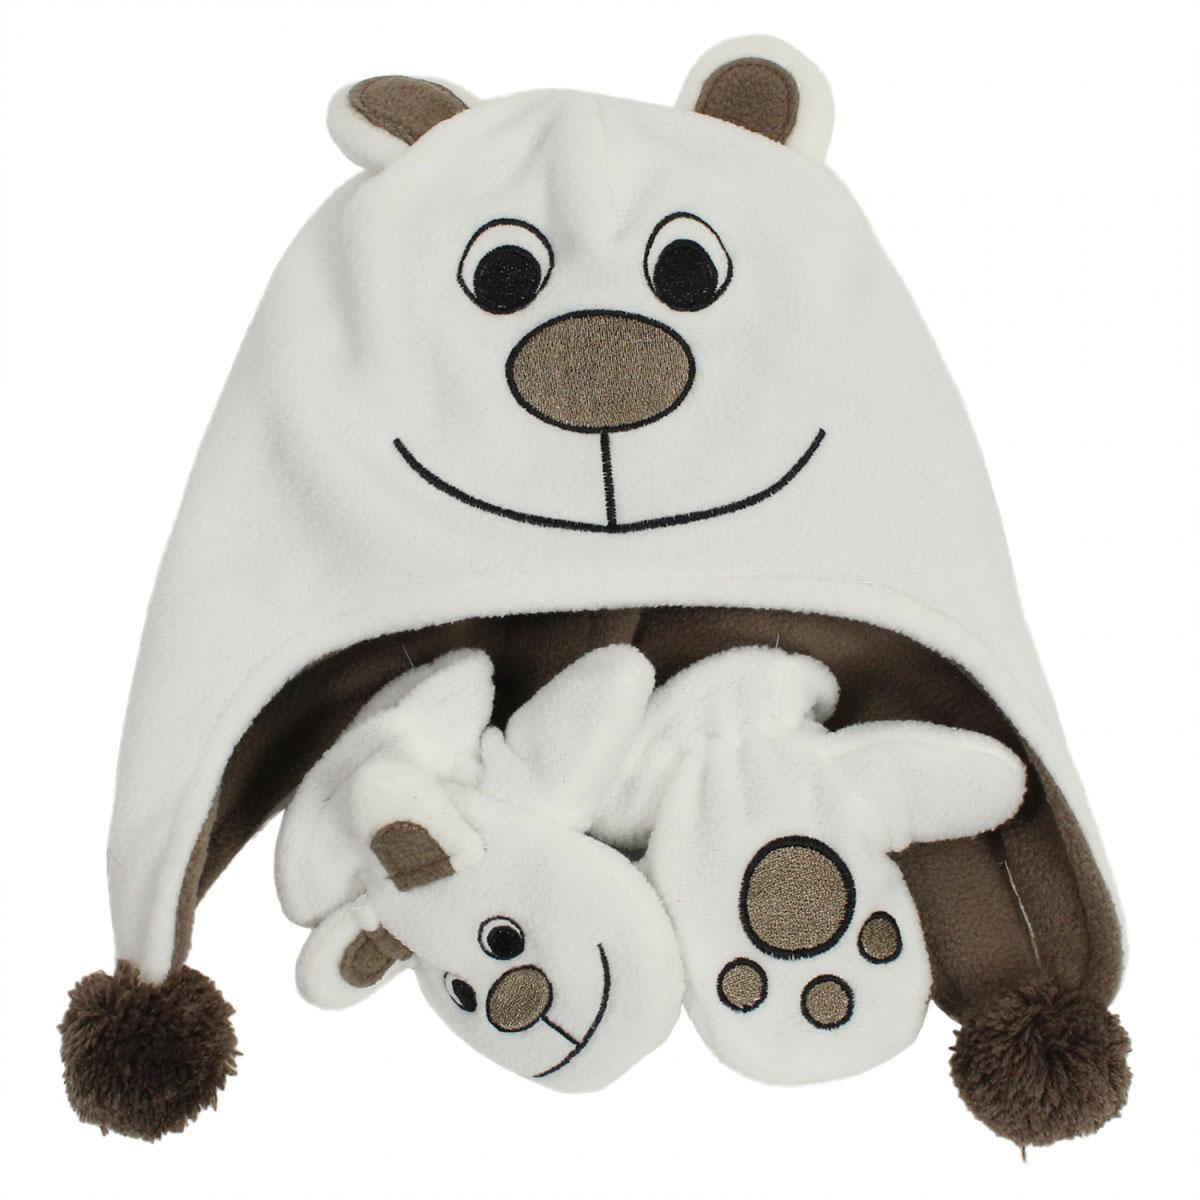 Флисовый комплект для малышей Huppa BRUNO, цвет: белый. 8819AS14-010. Размер 1 (48) детский комплект huppa 4172cs15 размер 104 цвет 391